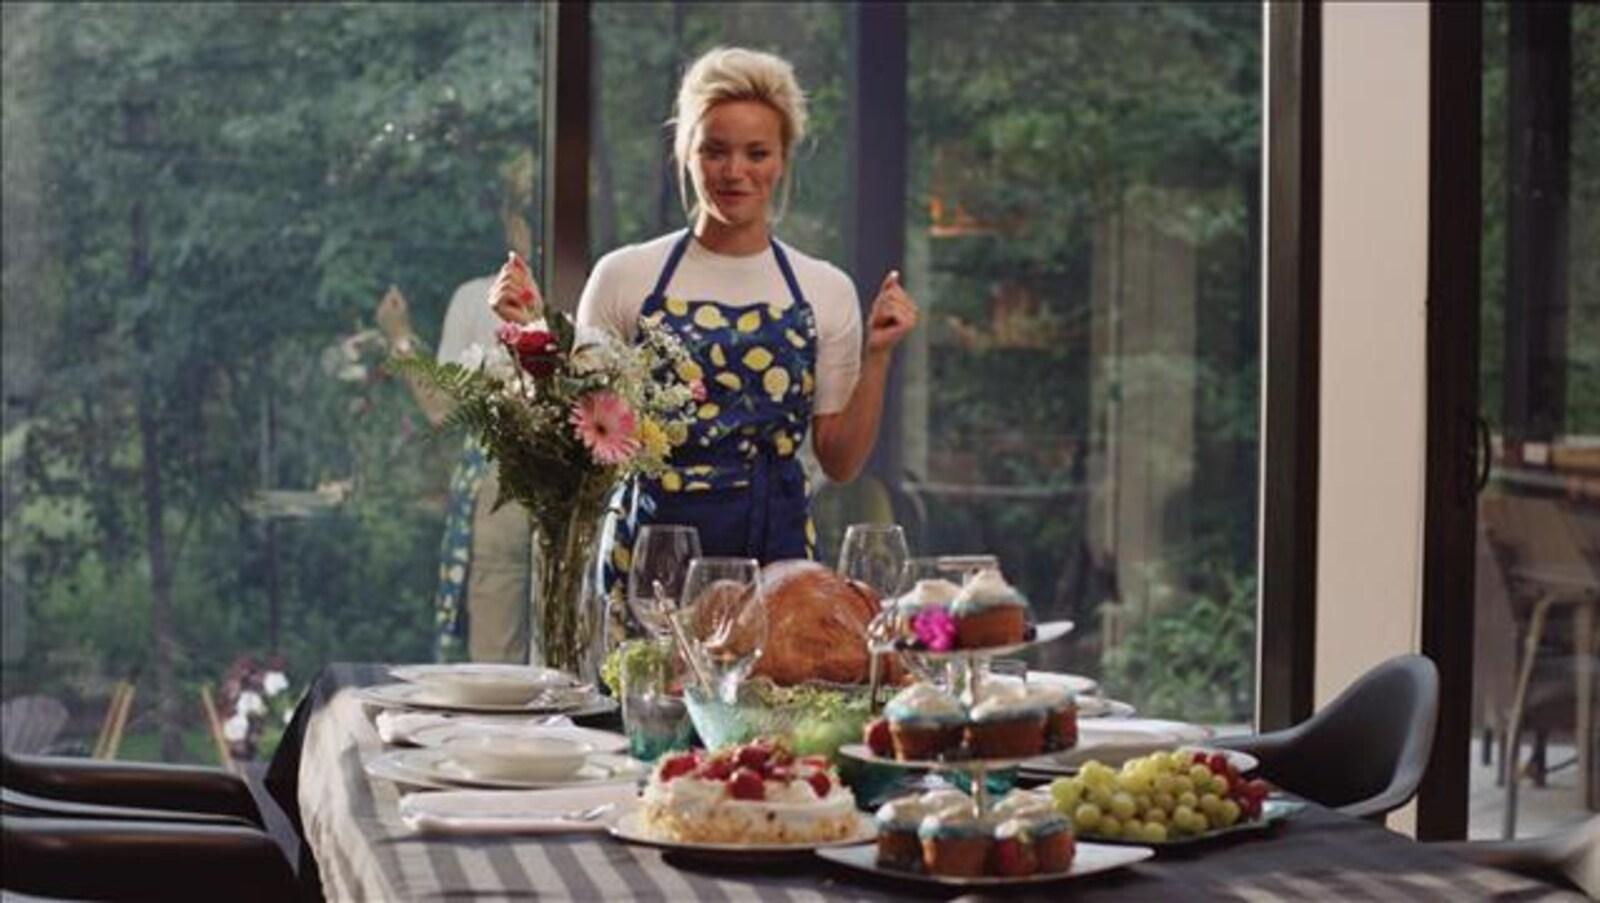 Souriant, le personnage interprété par Julie Ringuette regarde la table de cuisine occupée par de nombreux plats alléchants.